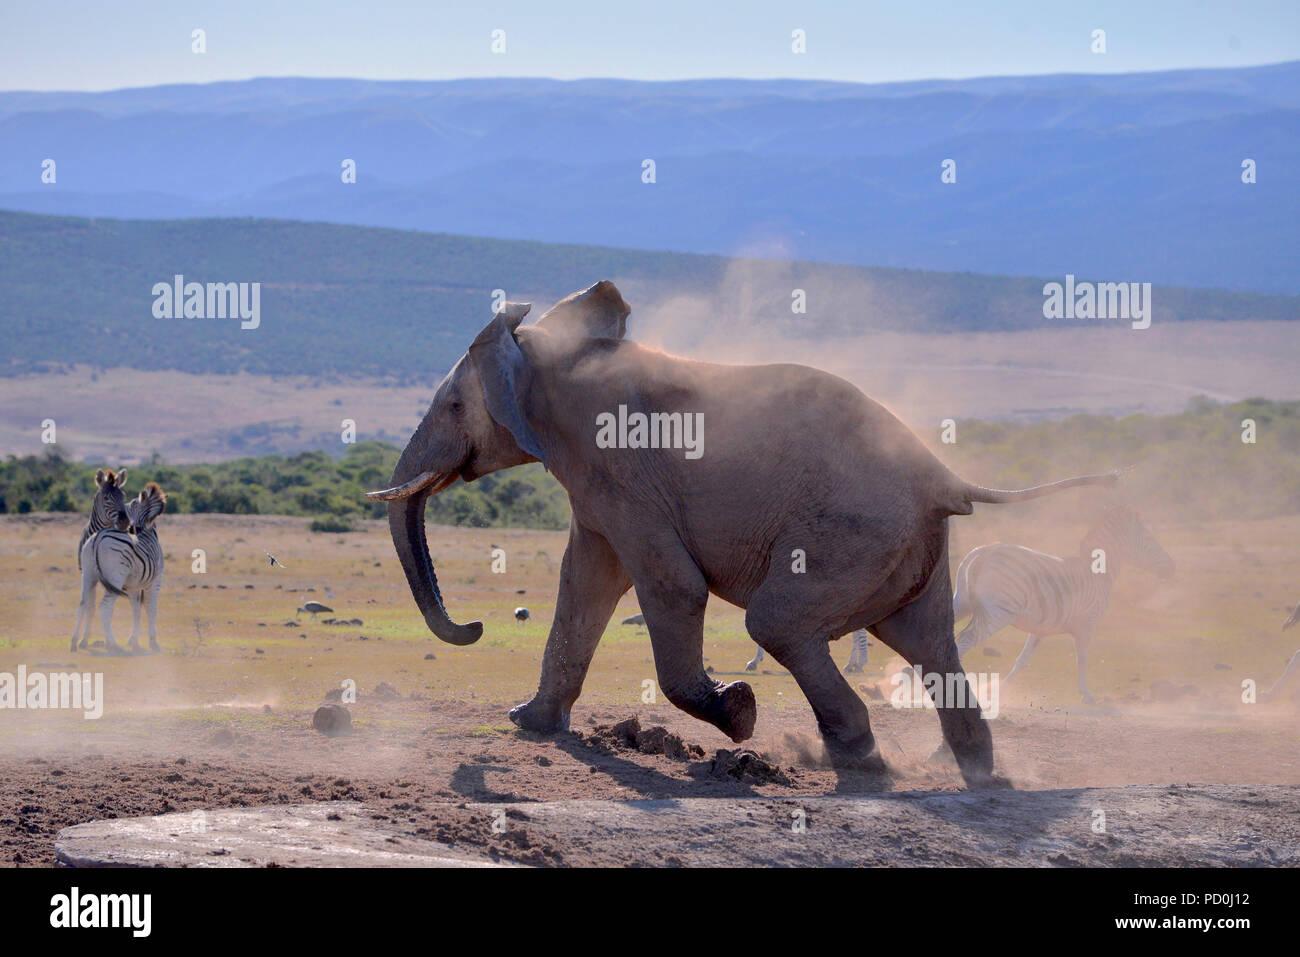 Sudáfrica, un fantástico destino turístico para disfrutar de tercer y primer mundo juntos. Elefante enojado bull persiguiendo cebras desde waterhole. Addo. Imagen De Stock